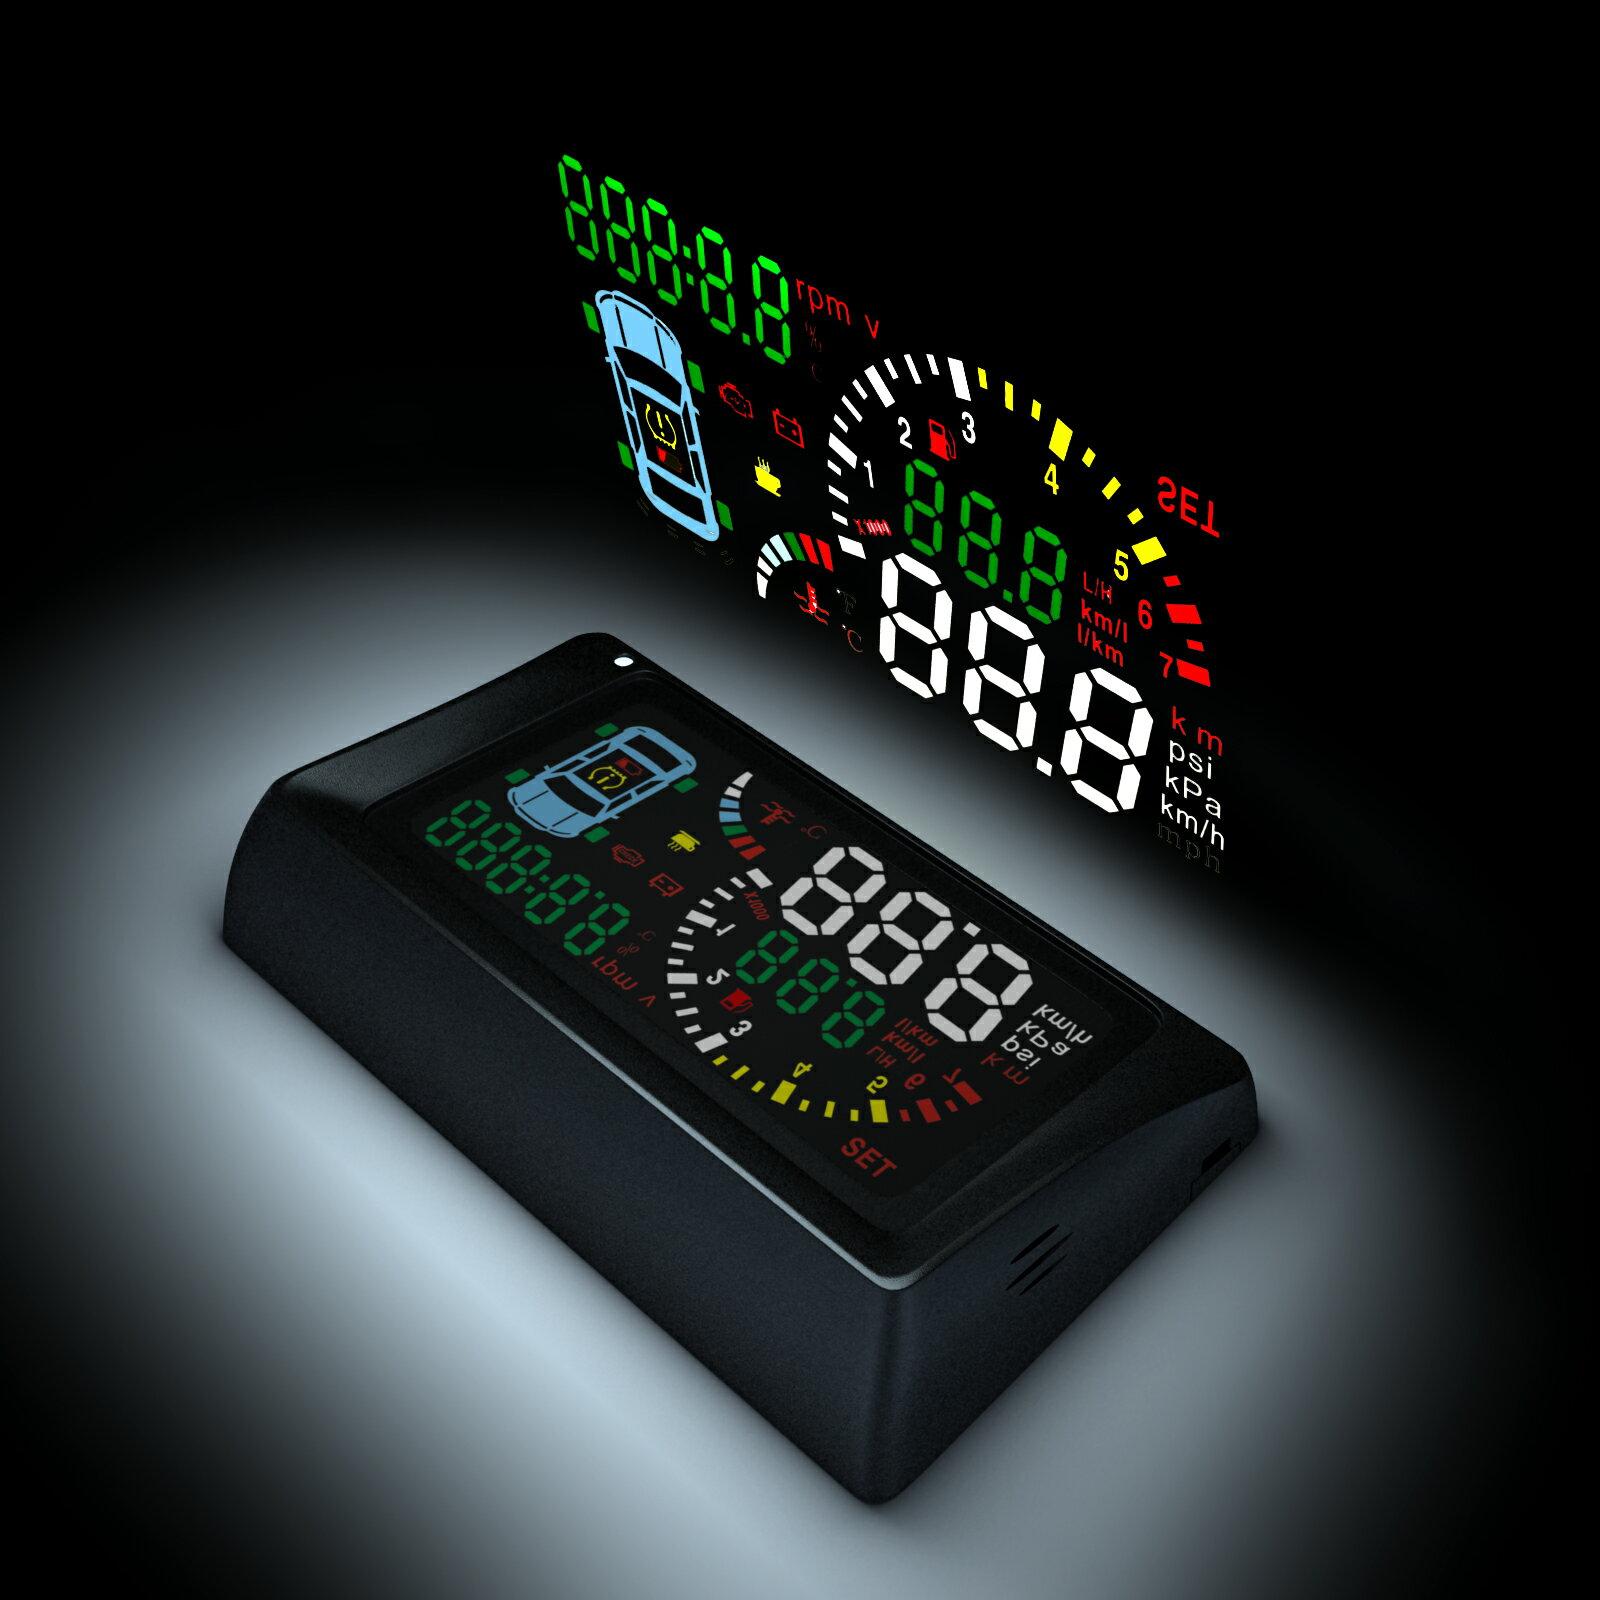 【哈默爾市集】安全駕馭首選TSA S500-T 胎壓型抬頭顯示器